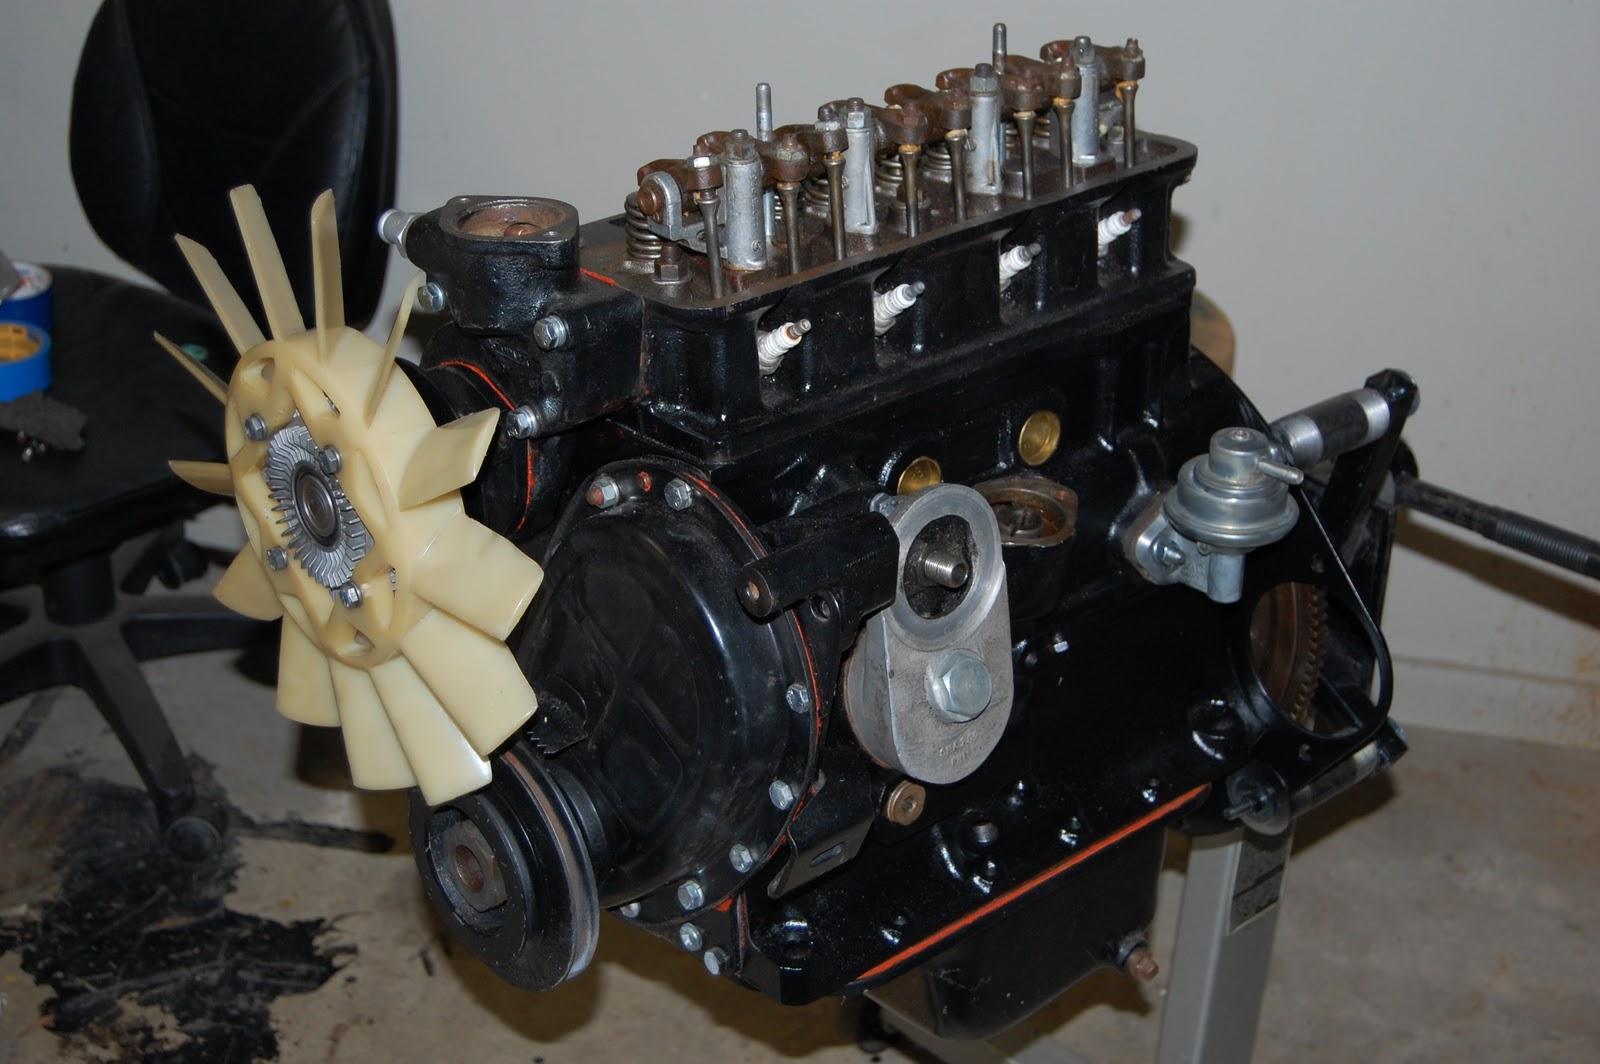 1979 MG Midget 1500 Restoration